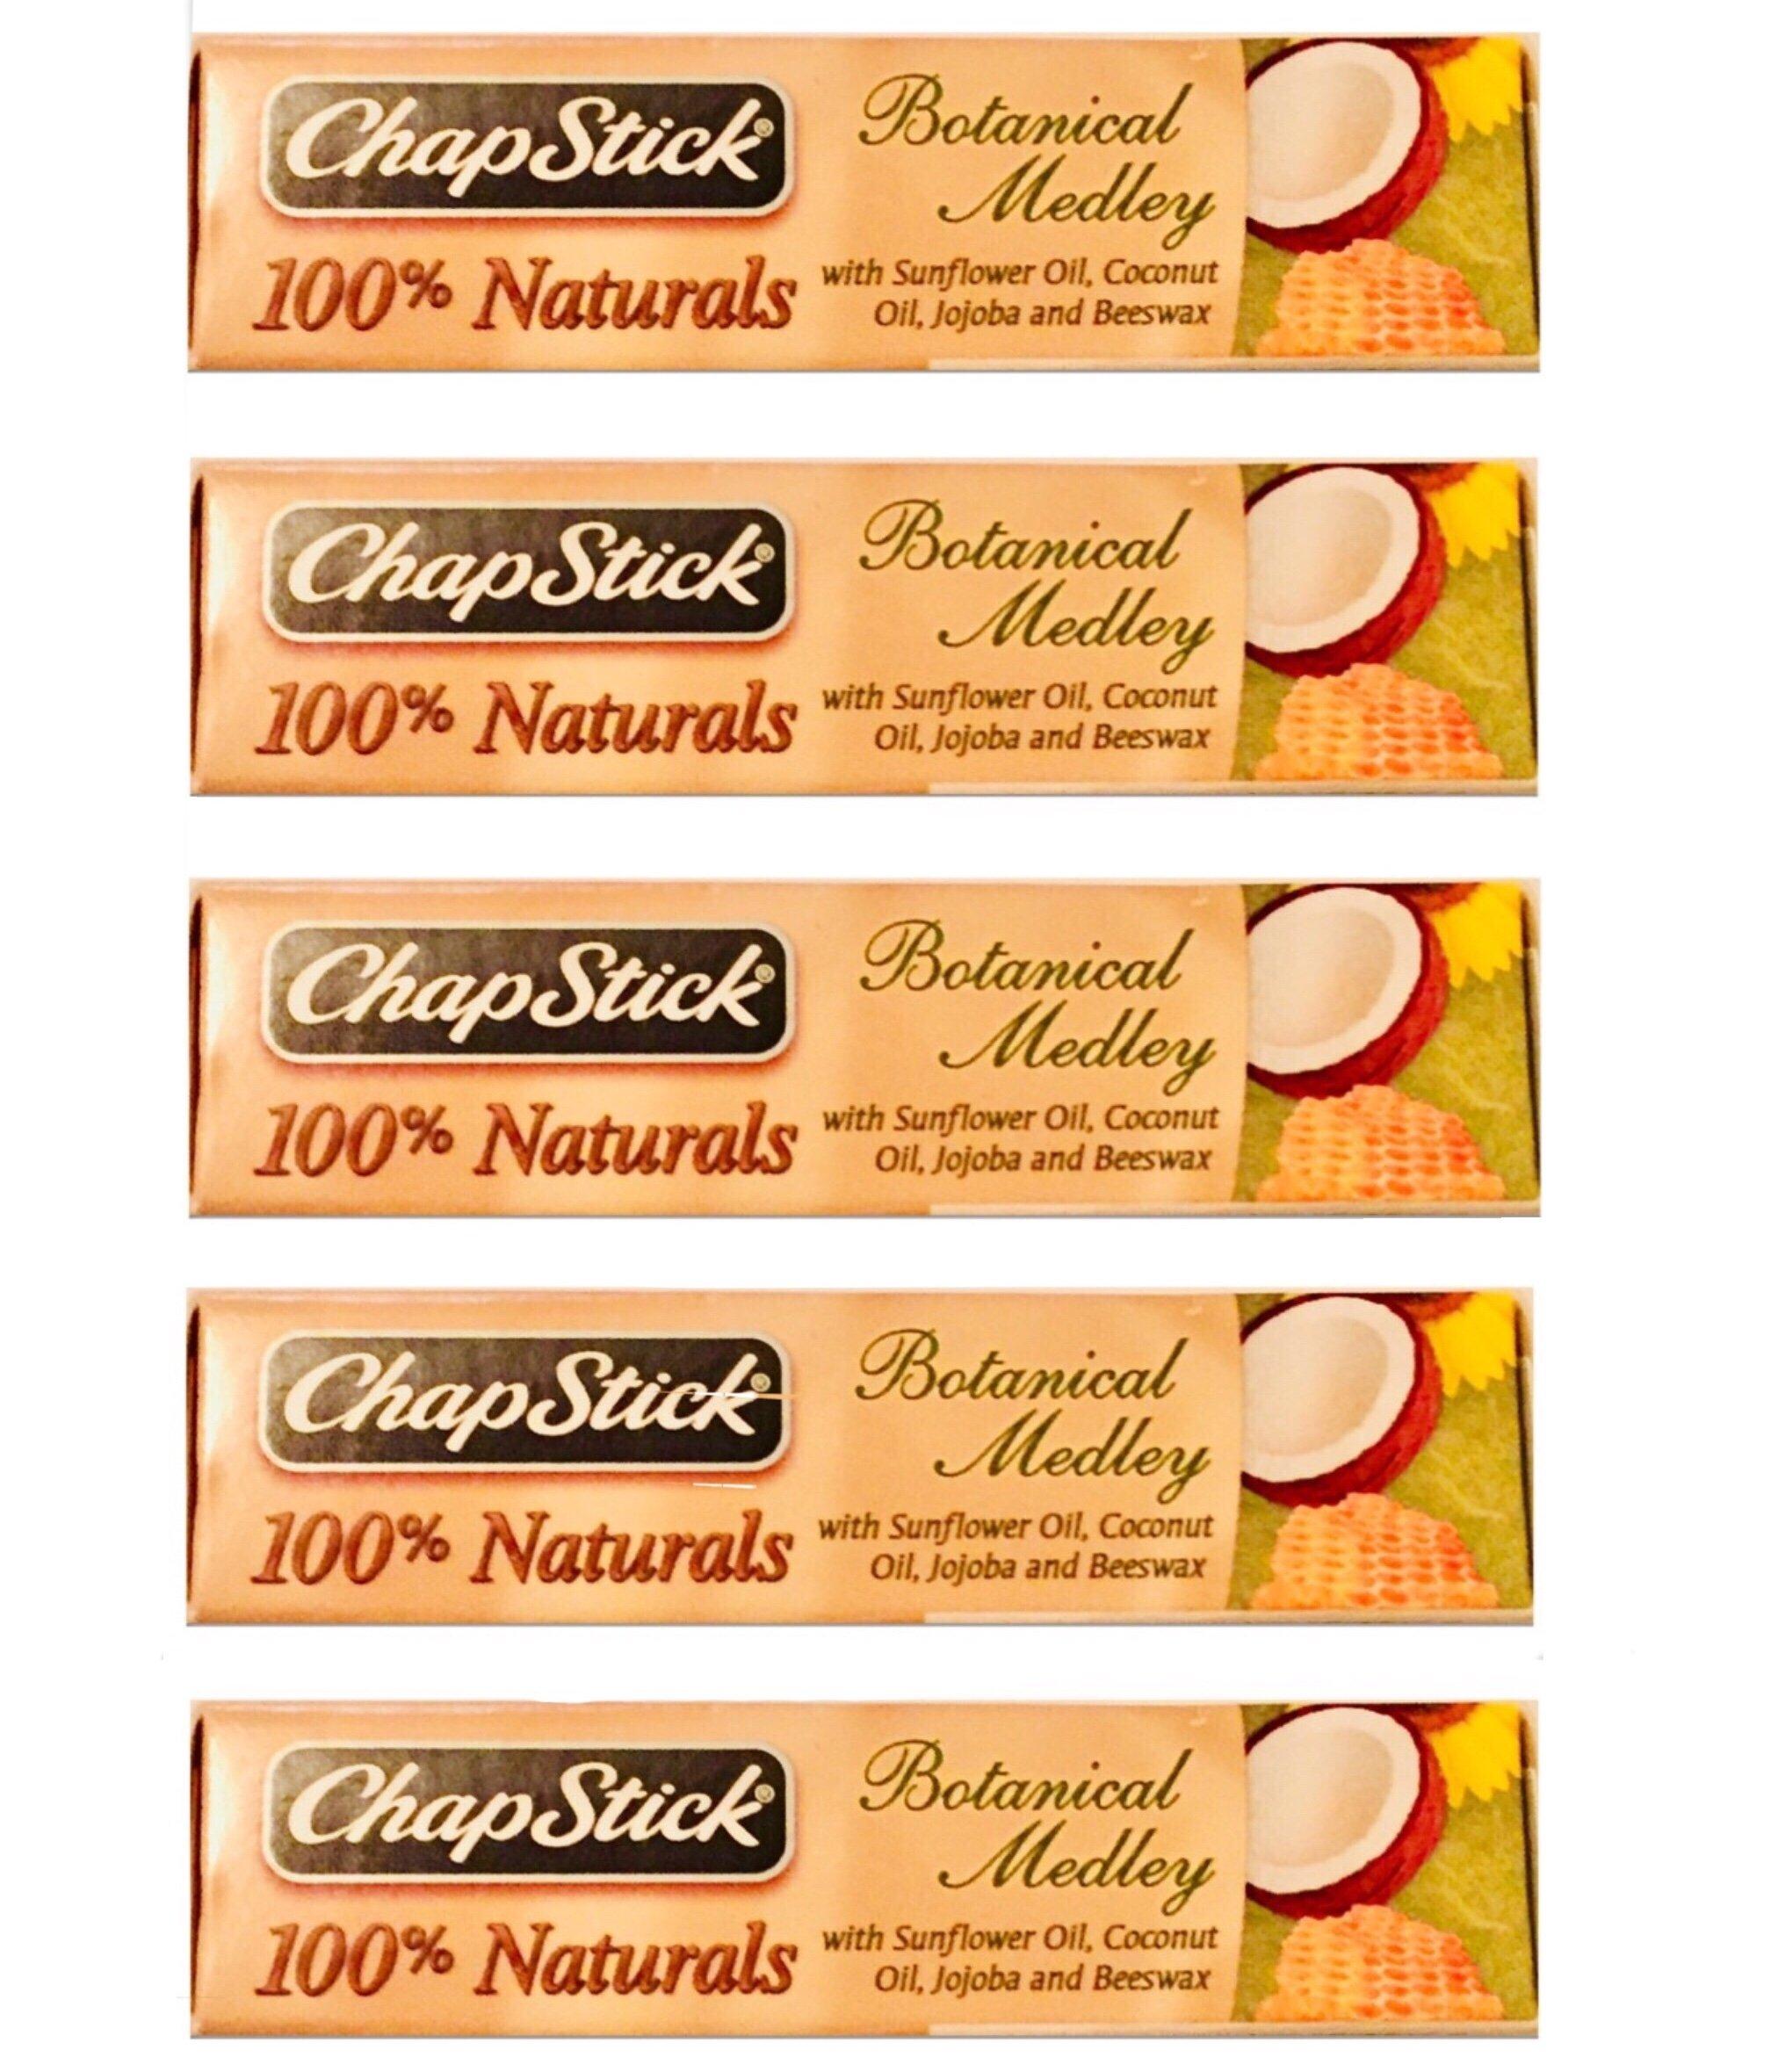 [FIVE PACK] ChapStick® 100% Naturals Lip Balm, Botanical Medley